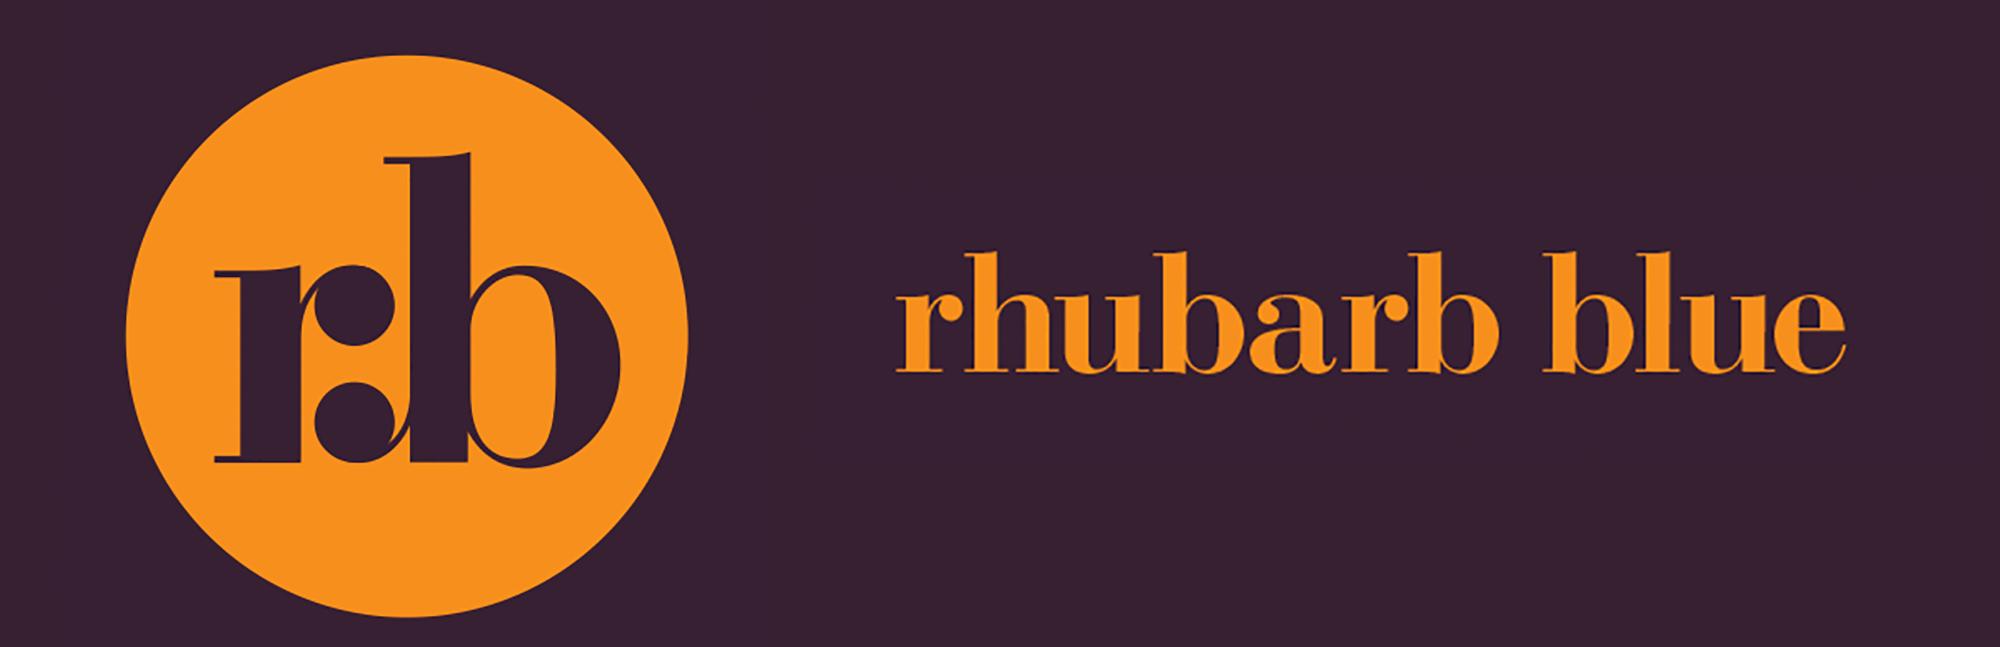 Rhubarb Blue